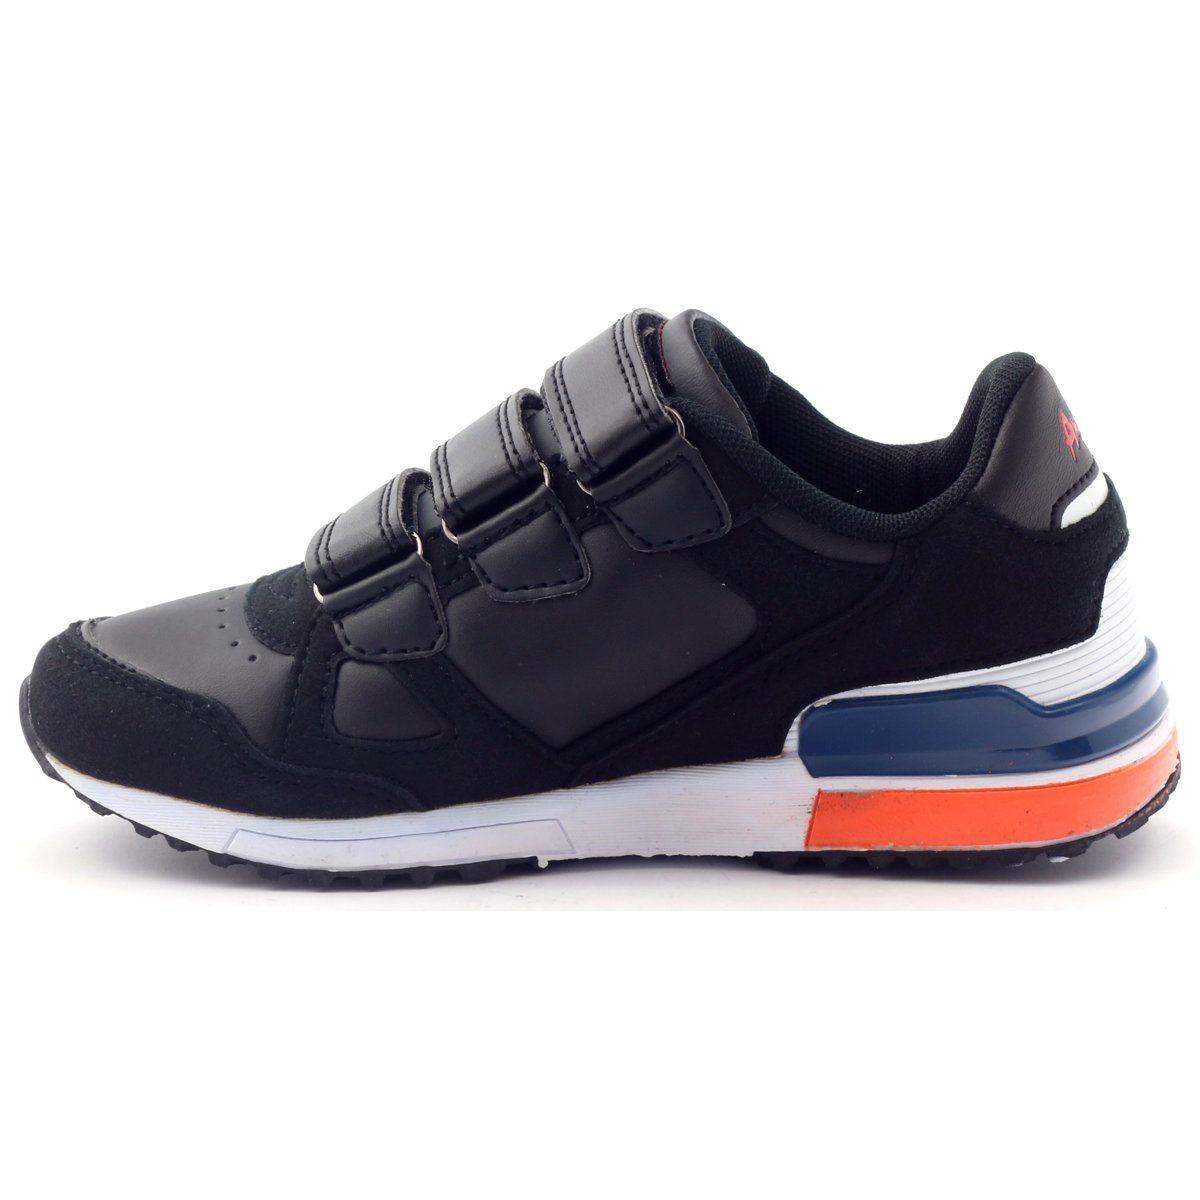 Sportowe Damskie Americanclub Czerwone Biale Buty Sportowe Na Rzepy American 4594 Czarne American Club Jordans Sneakers Shoes Air Jordans